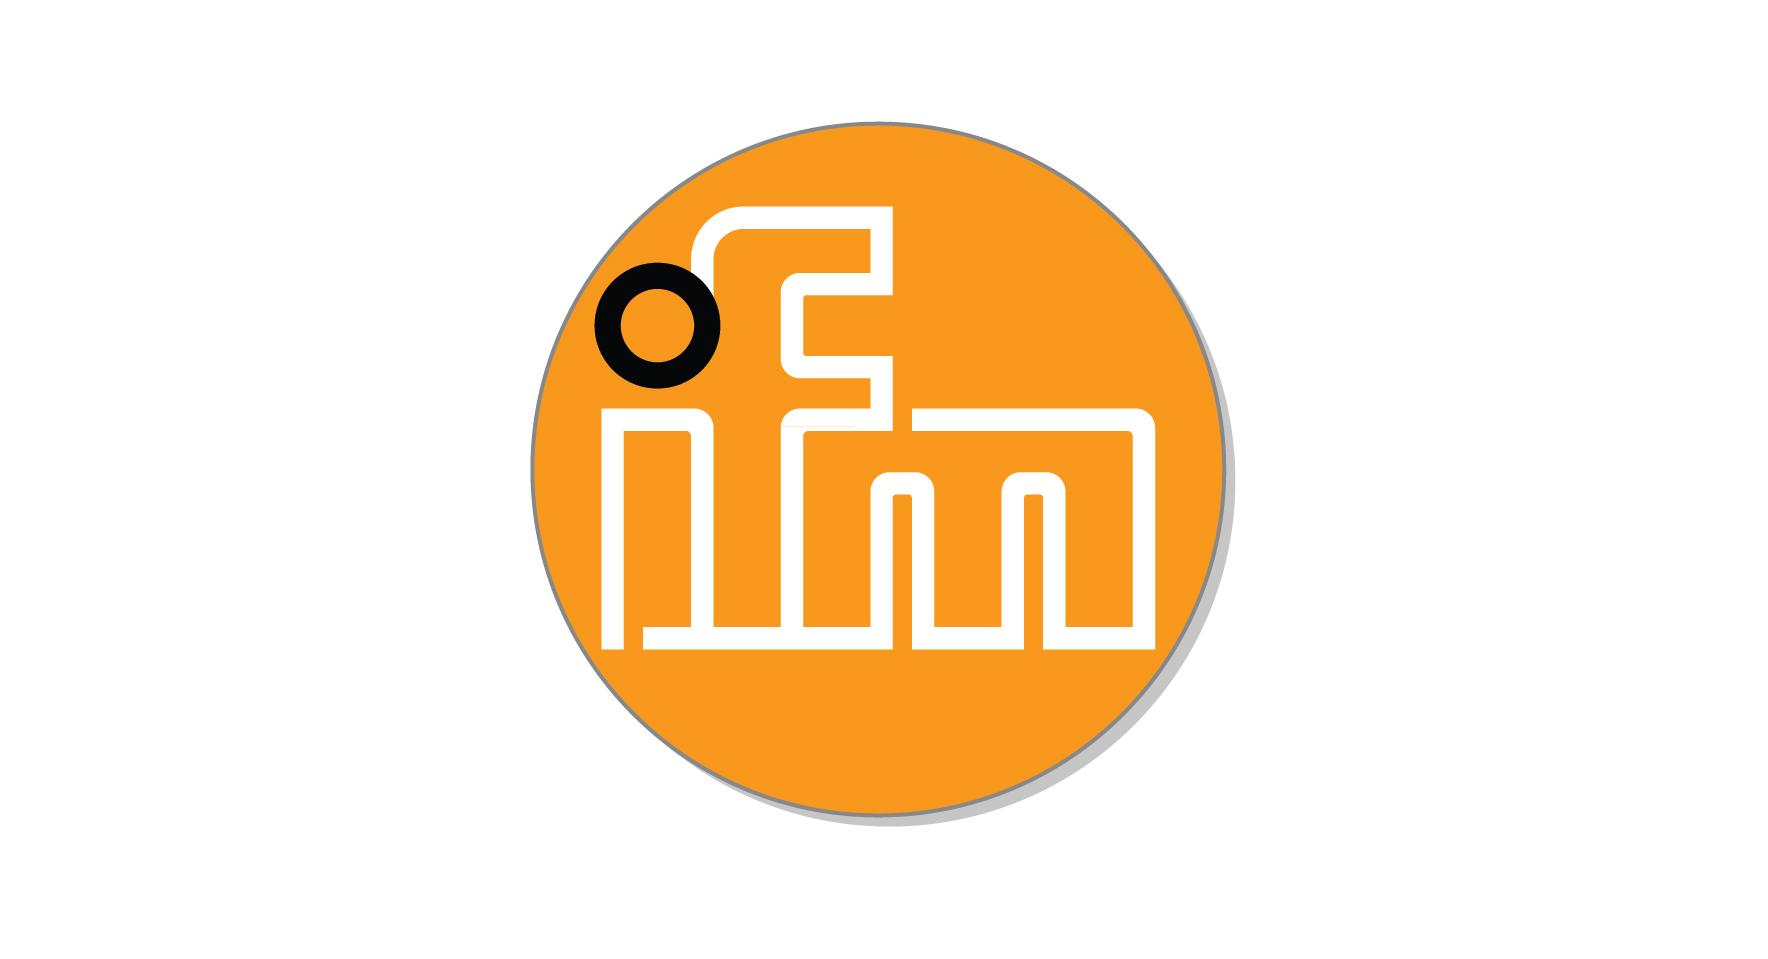 เครื่องมือวัดและควบคุมในงานอุตสาหกรรมจาก IFM EFECTOR